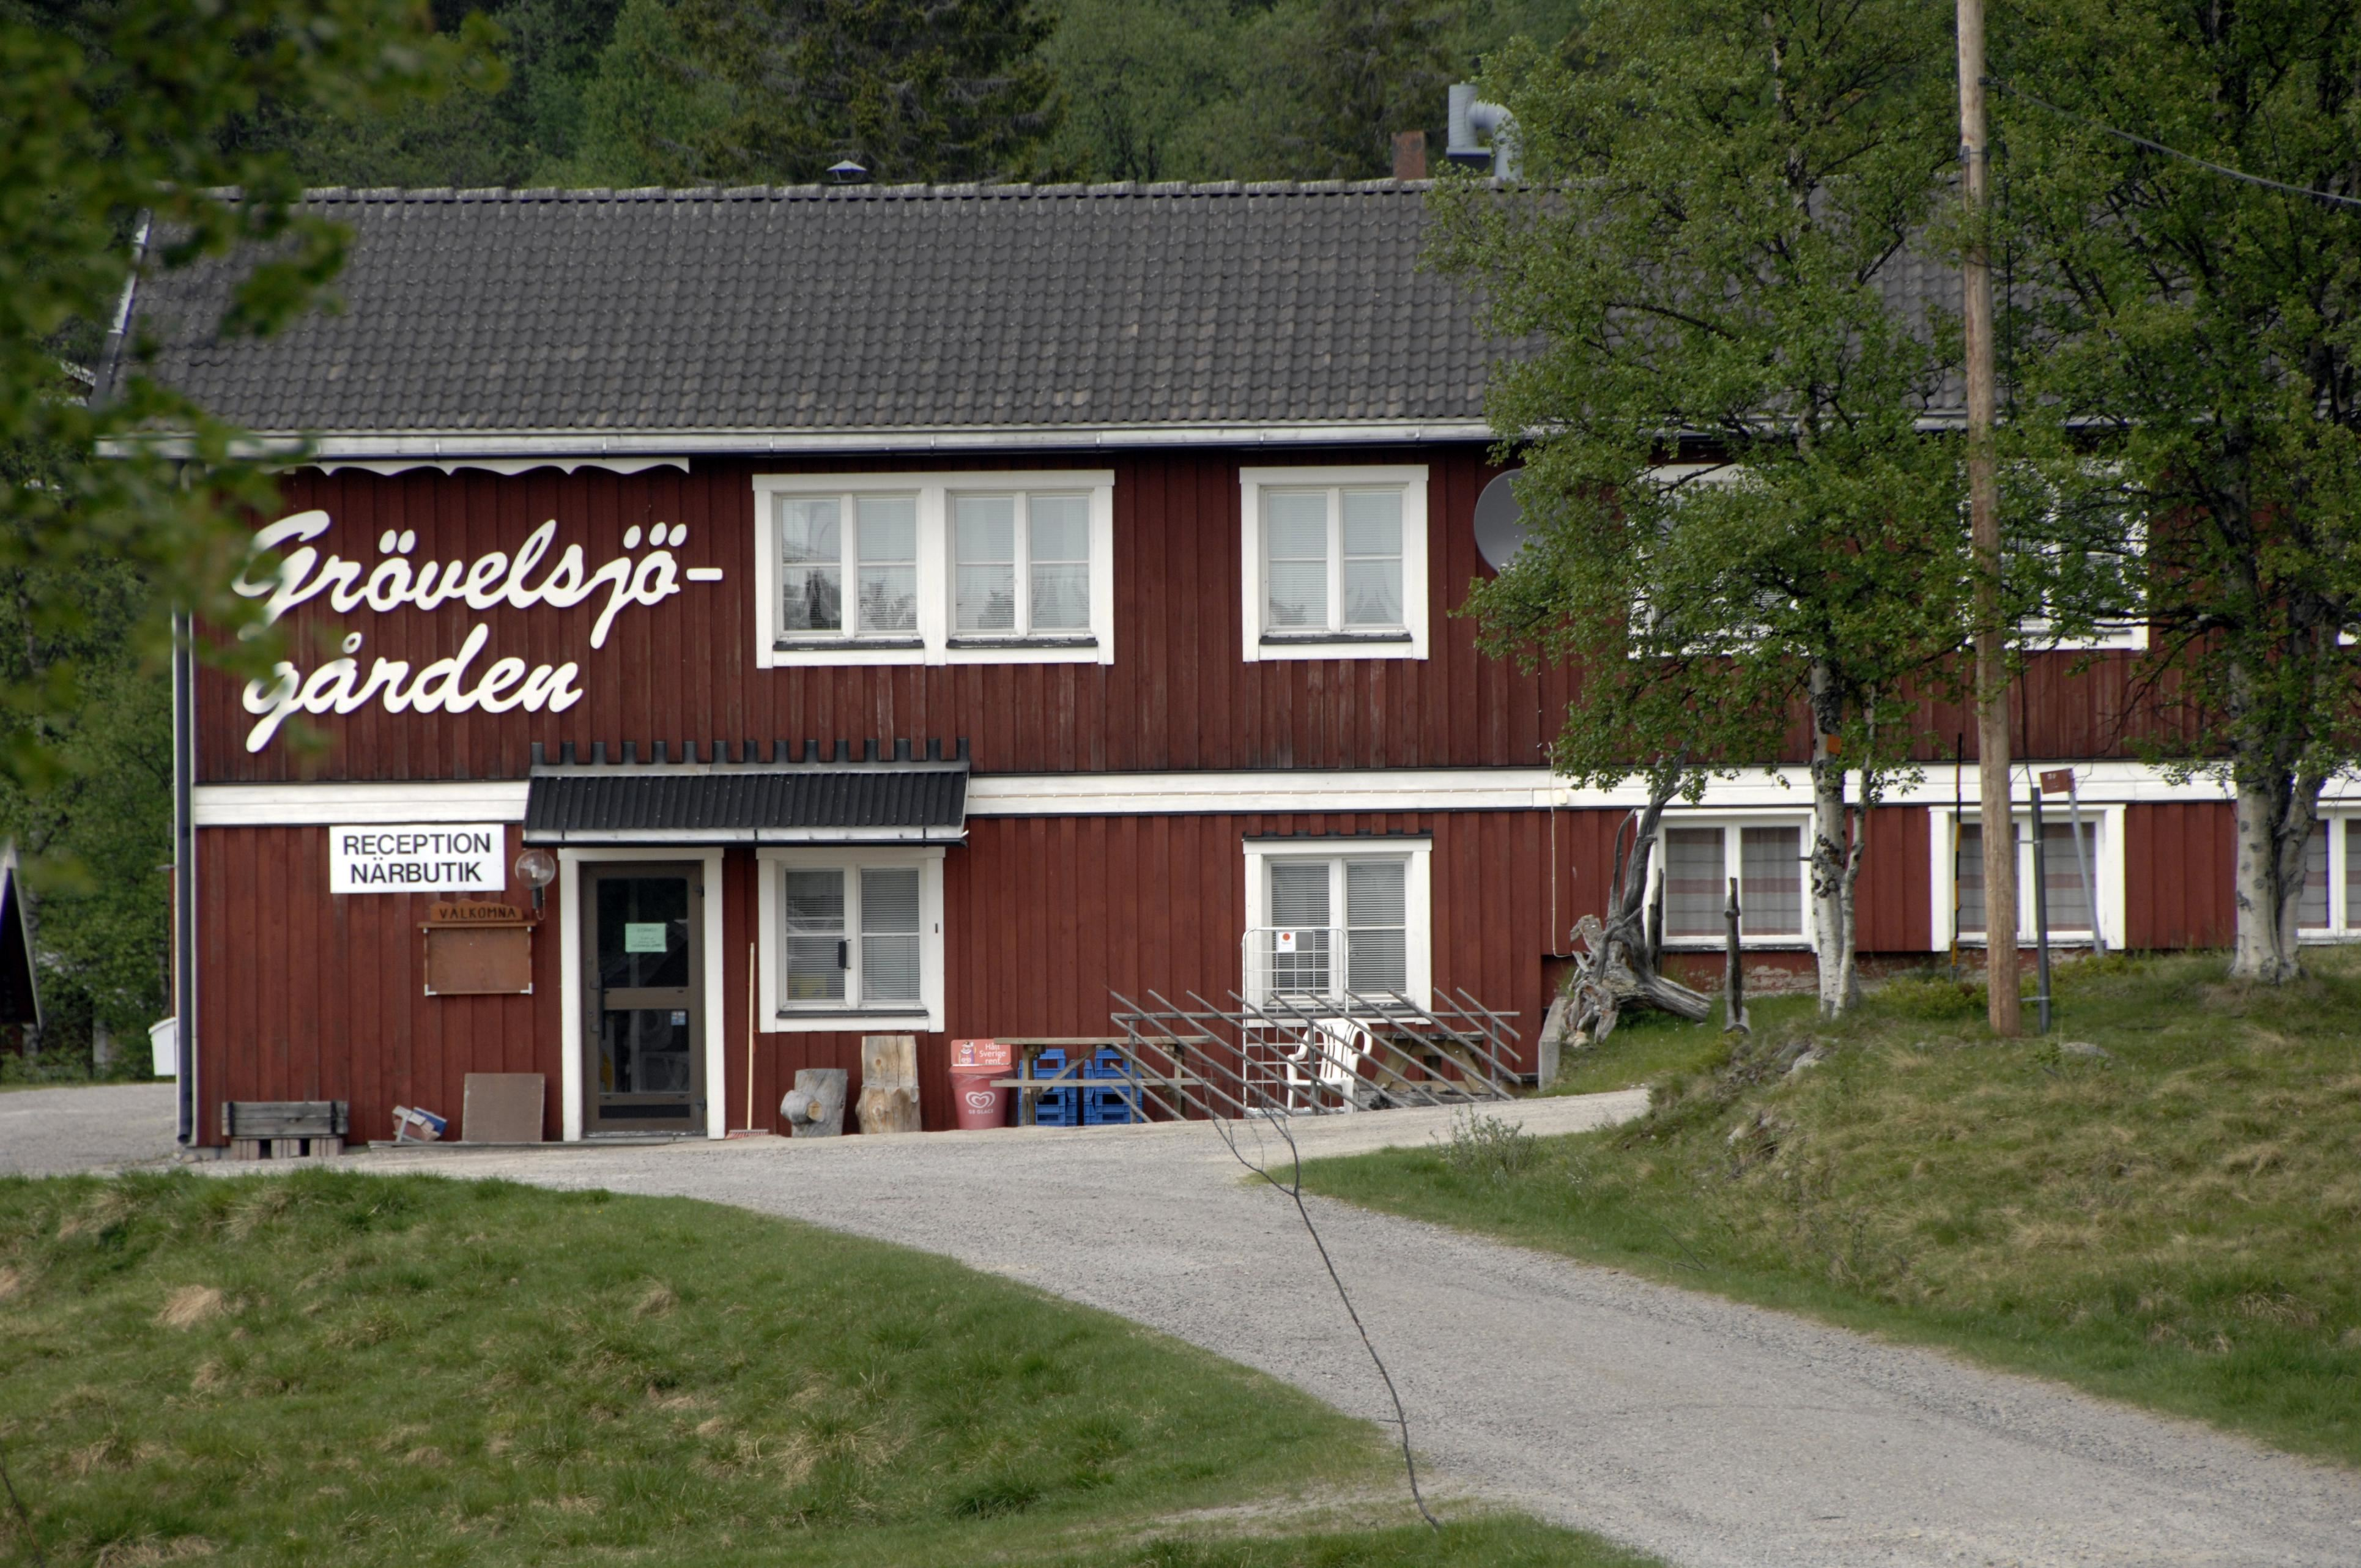 Grövelsjögården Stugby